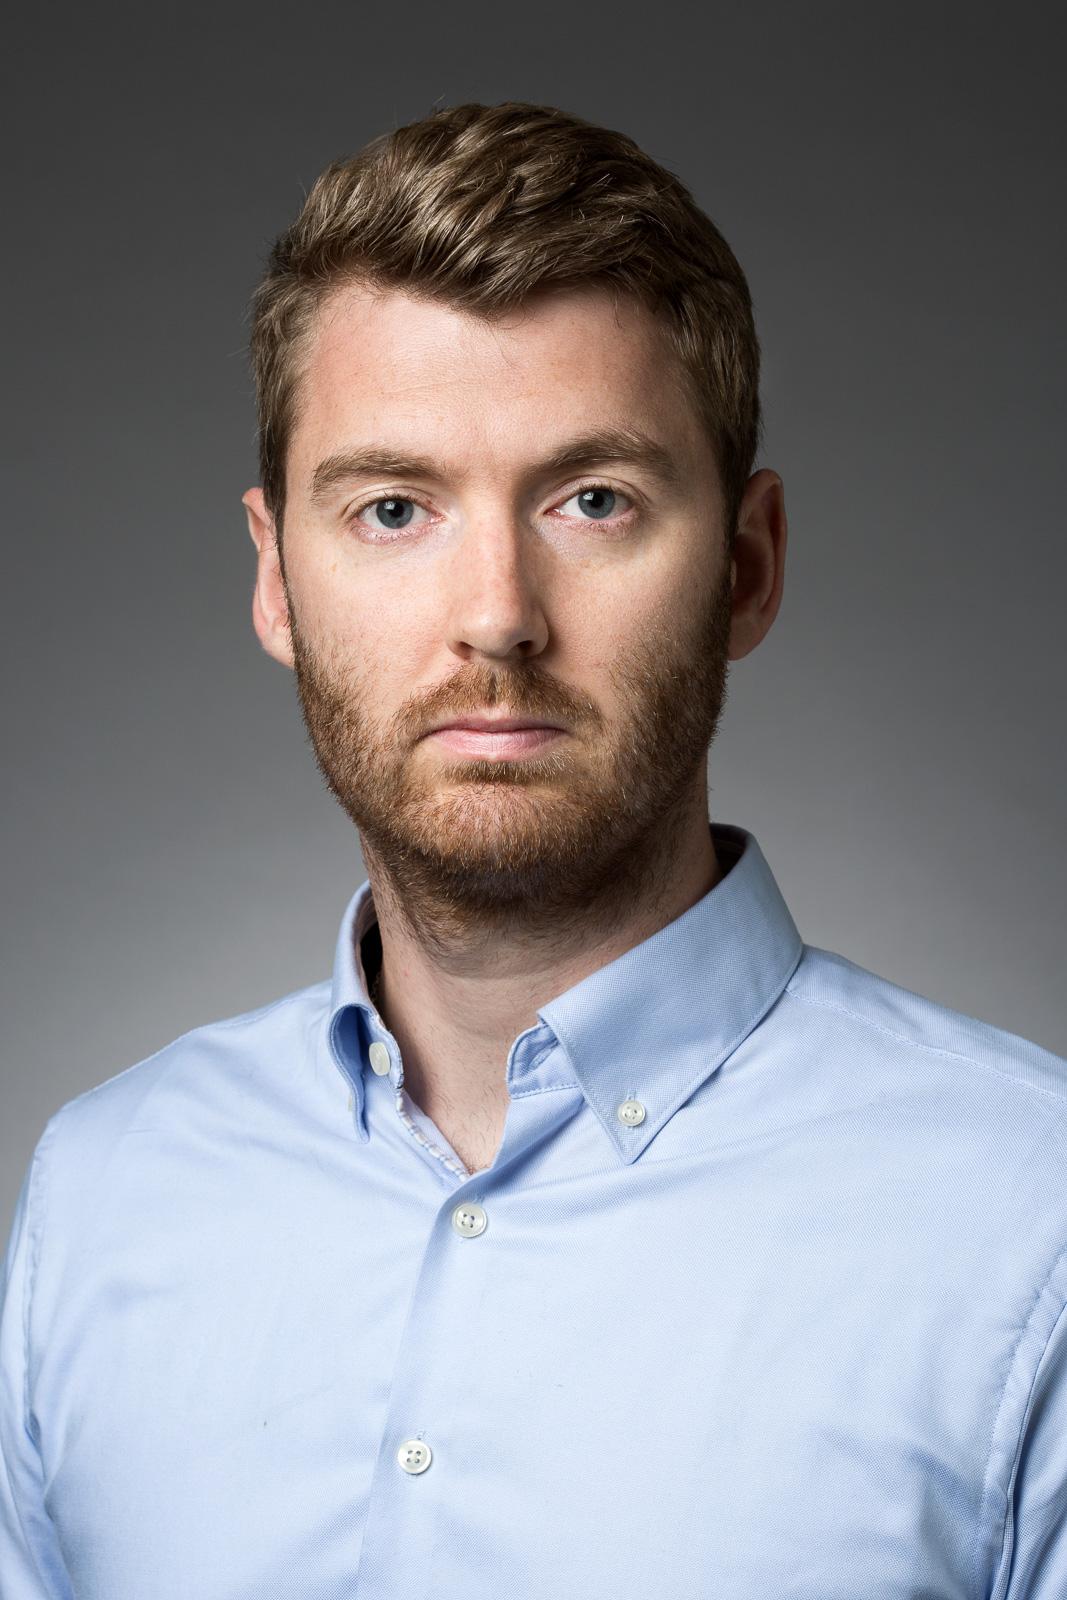 Rasmus Munthe Knutsson